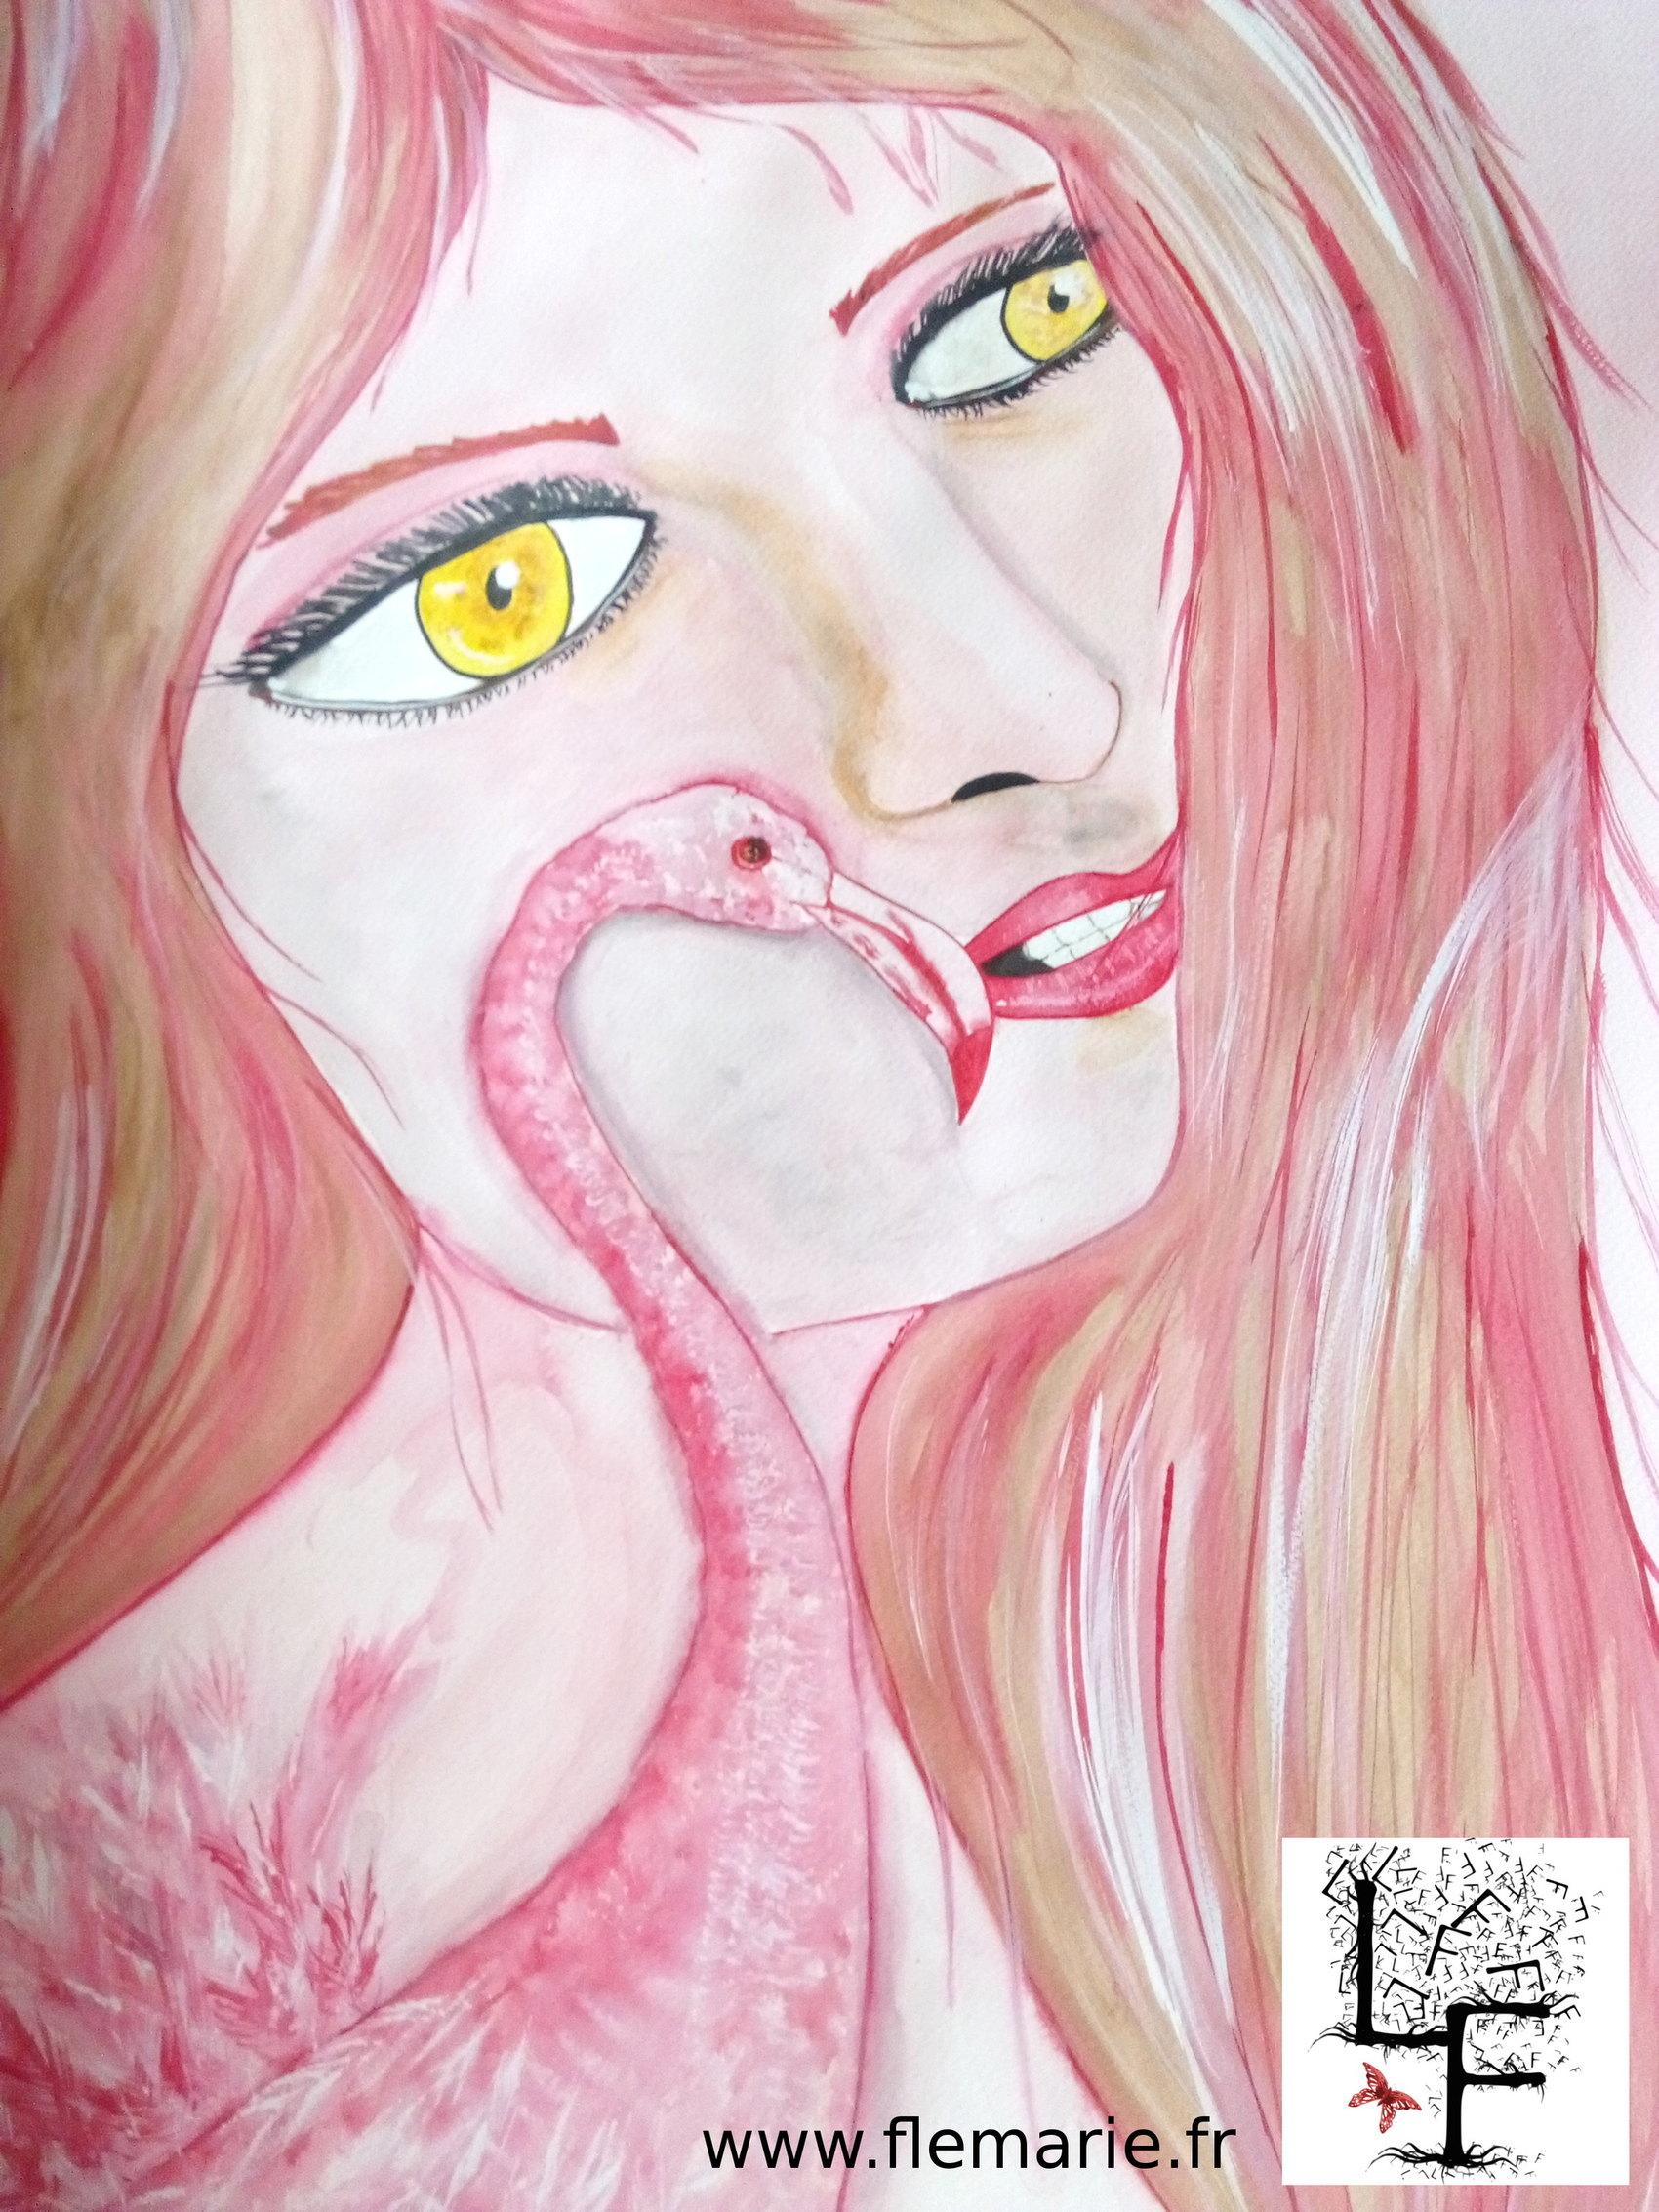 Femme et flamant  Aquarelle sur papier A2 300g/m2